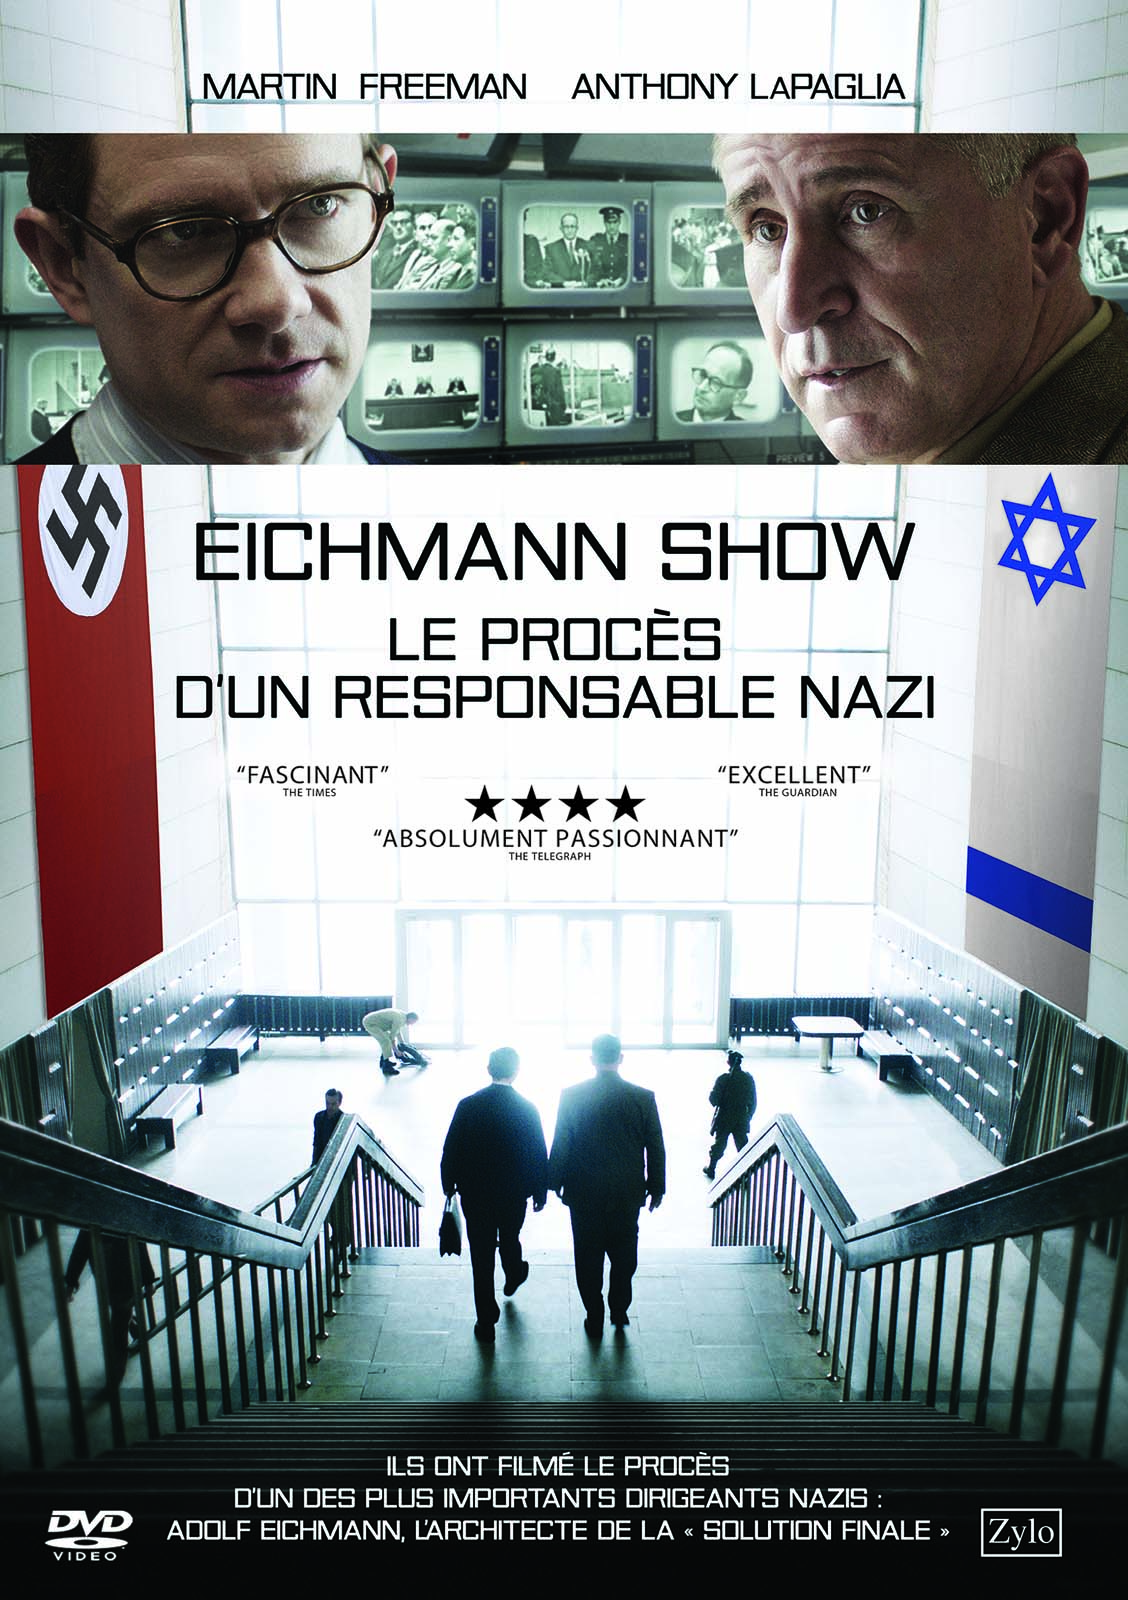 Eichmann Show ddl